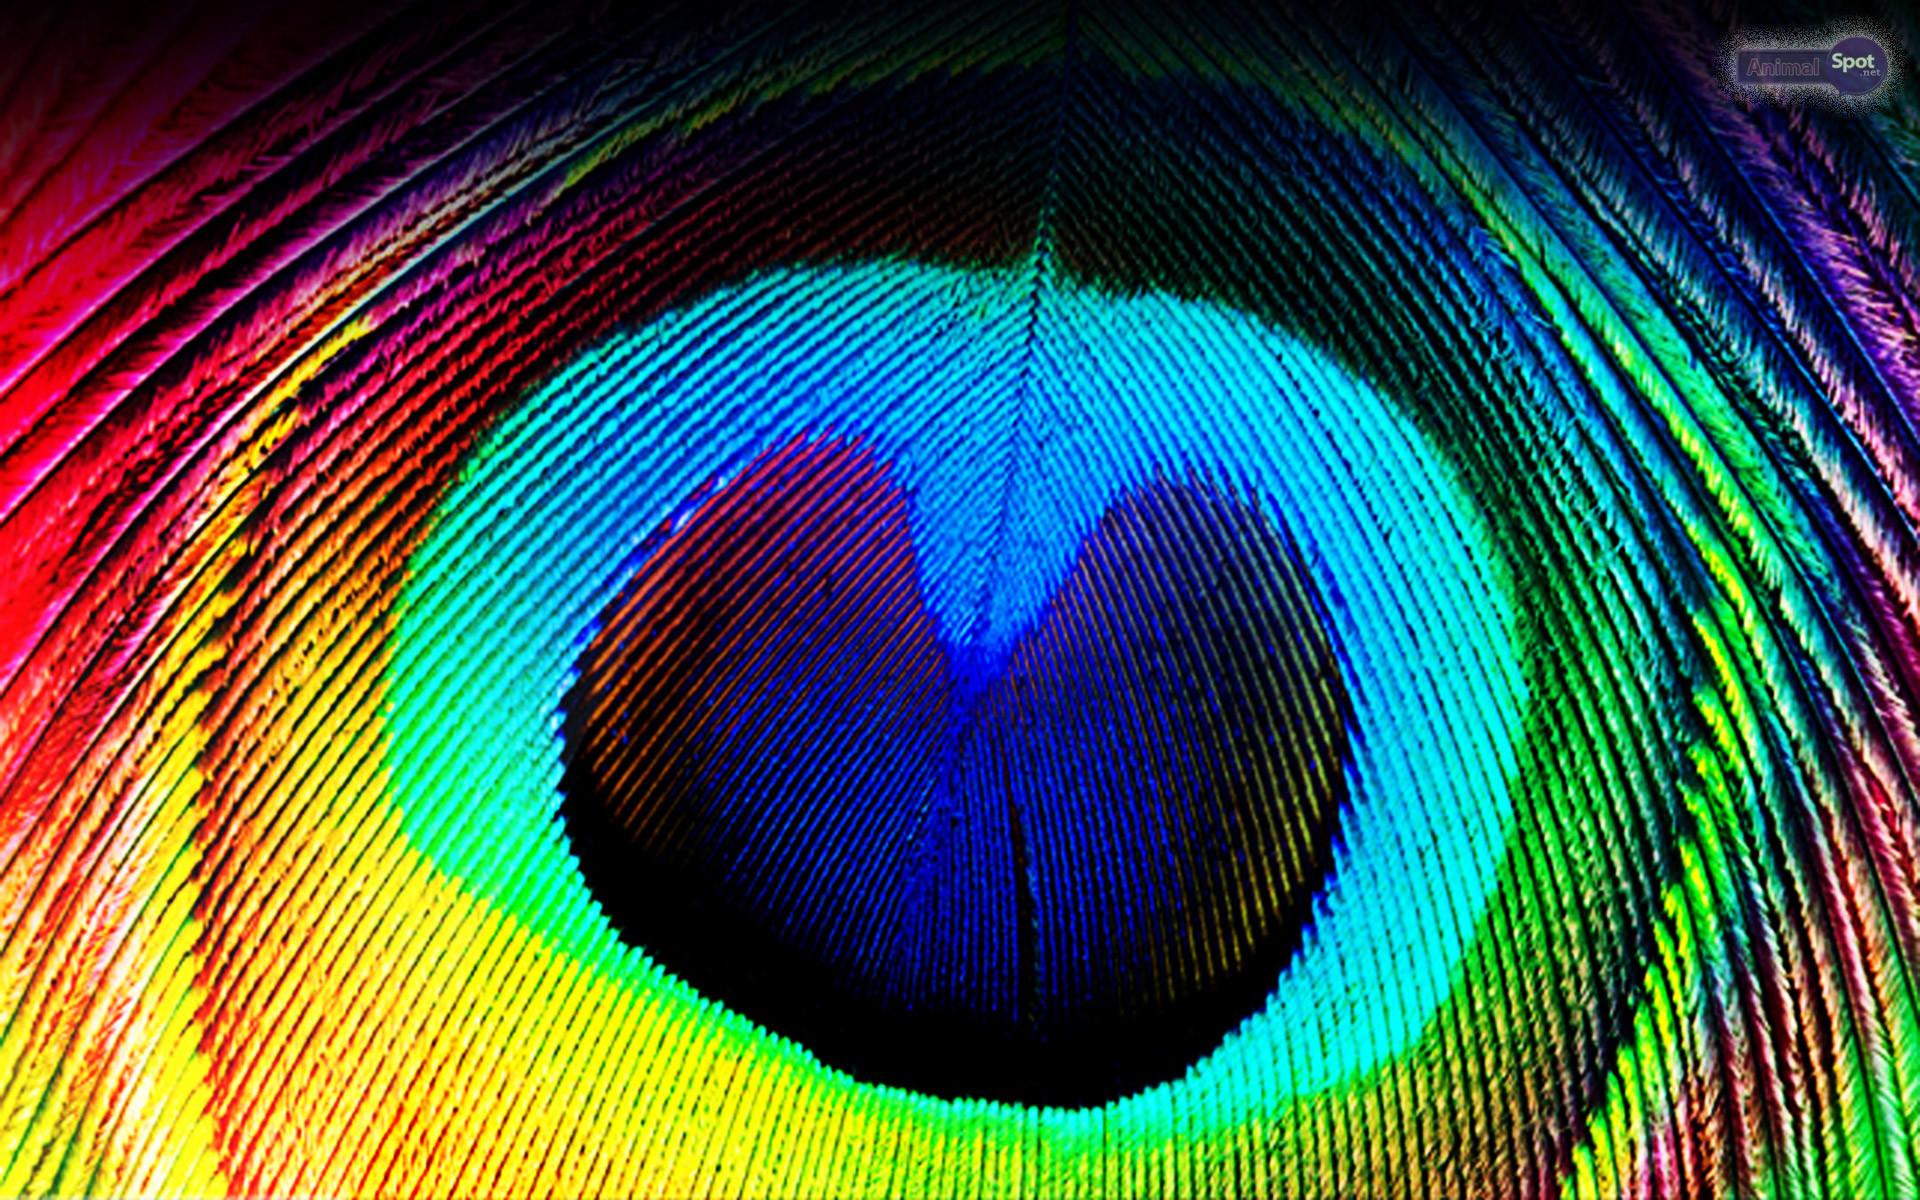 Peacock Feather Desktop Wallpaper Peacock Feather...